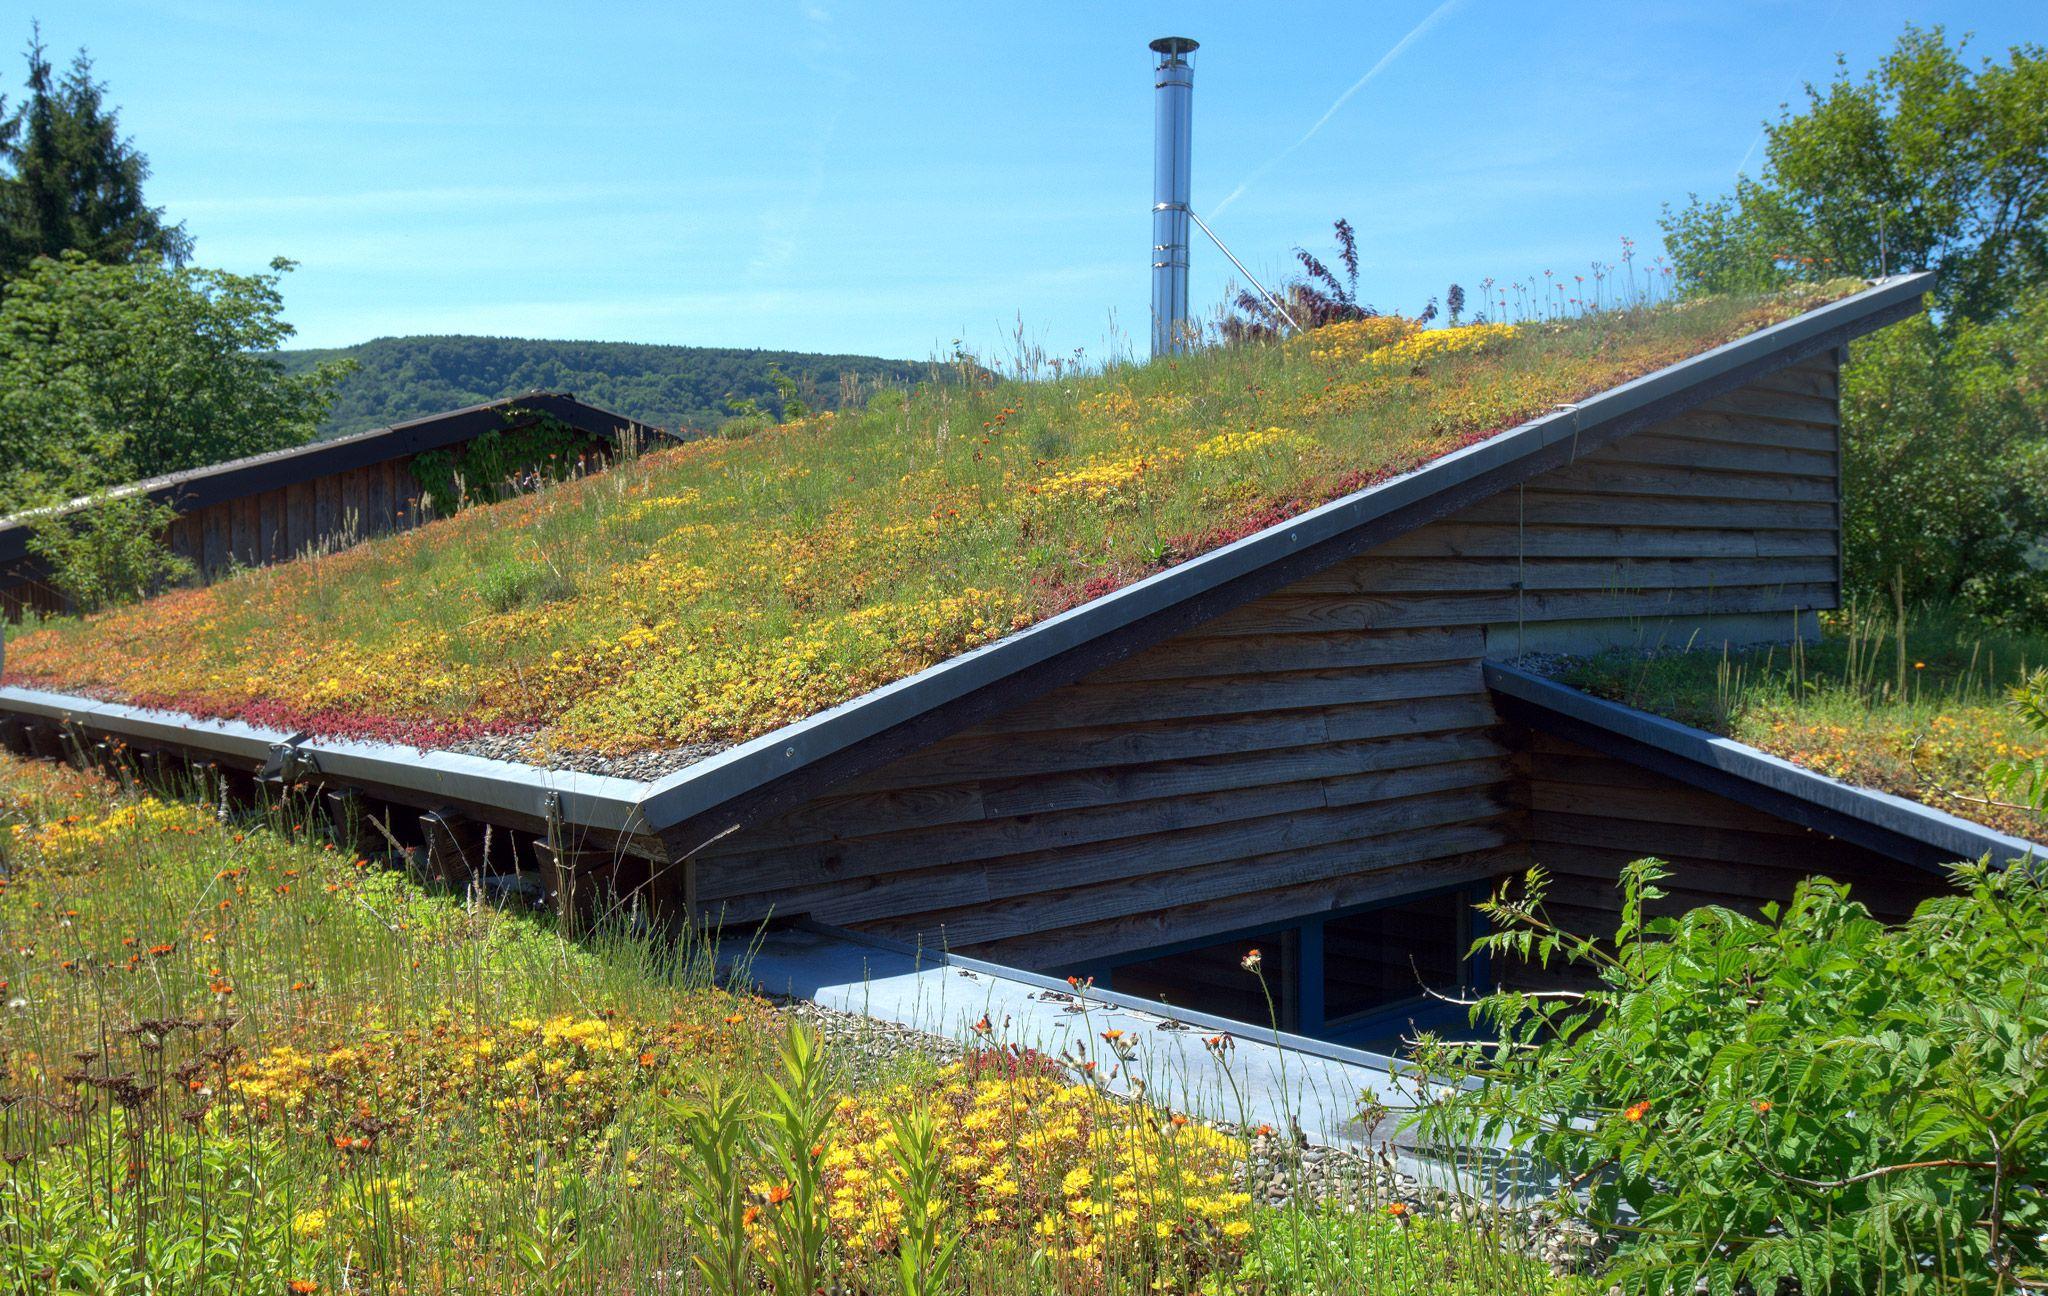 Dachbegrunung Die Wichtigsten Infos Das Haus Dachbegrunung Dachgarten Extensive Begrunung